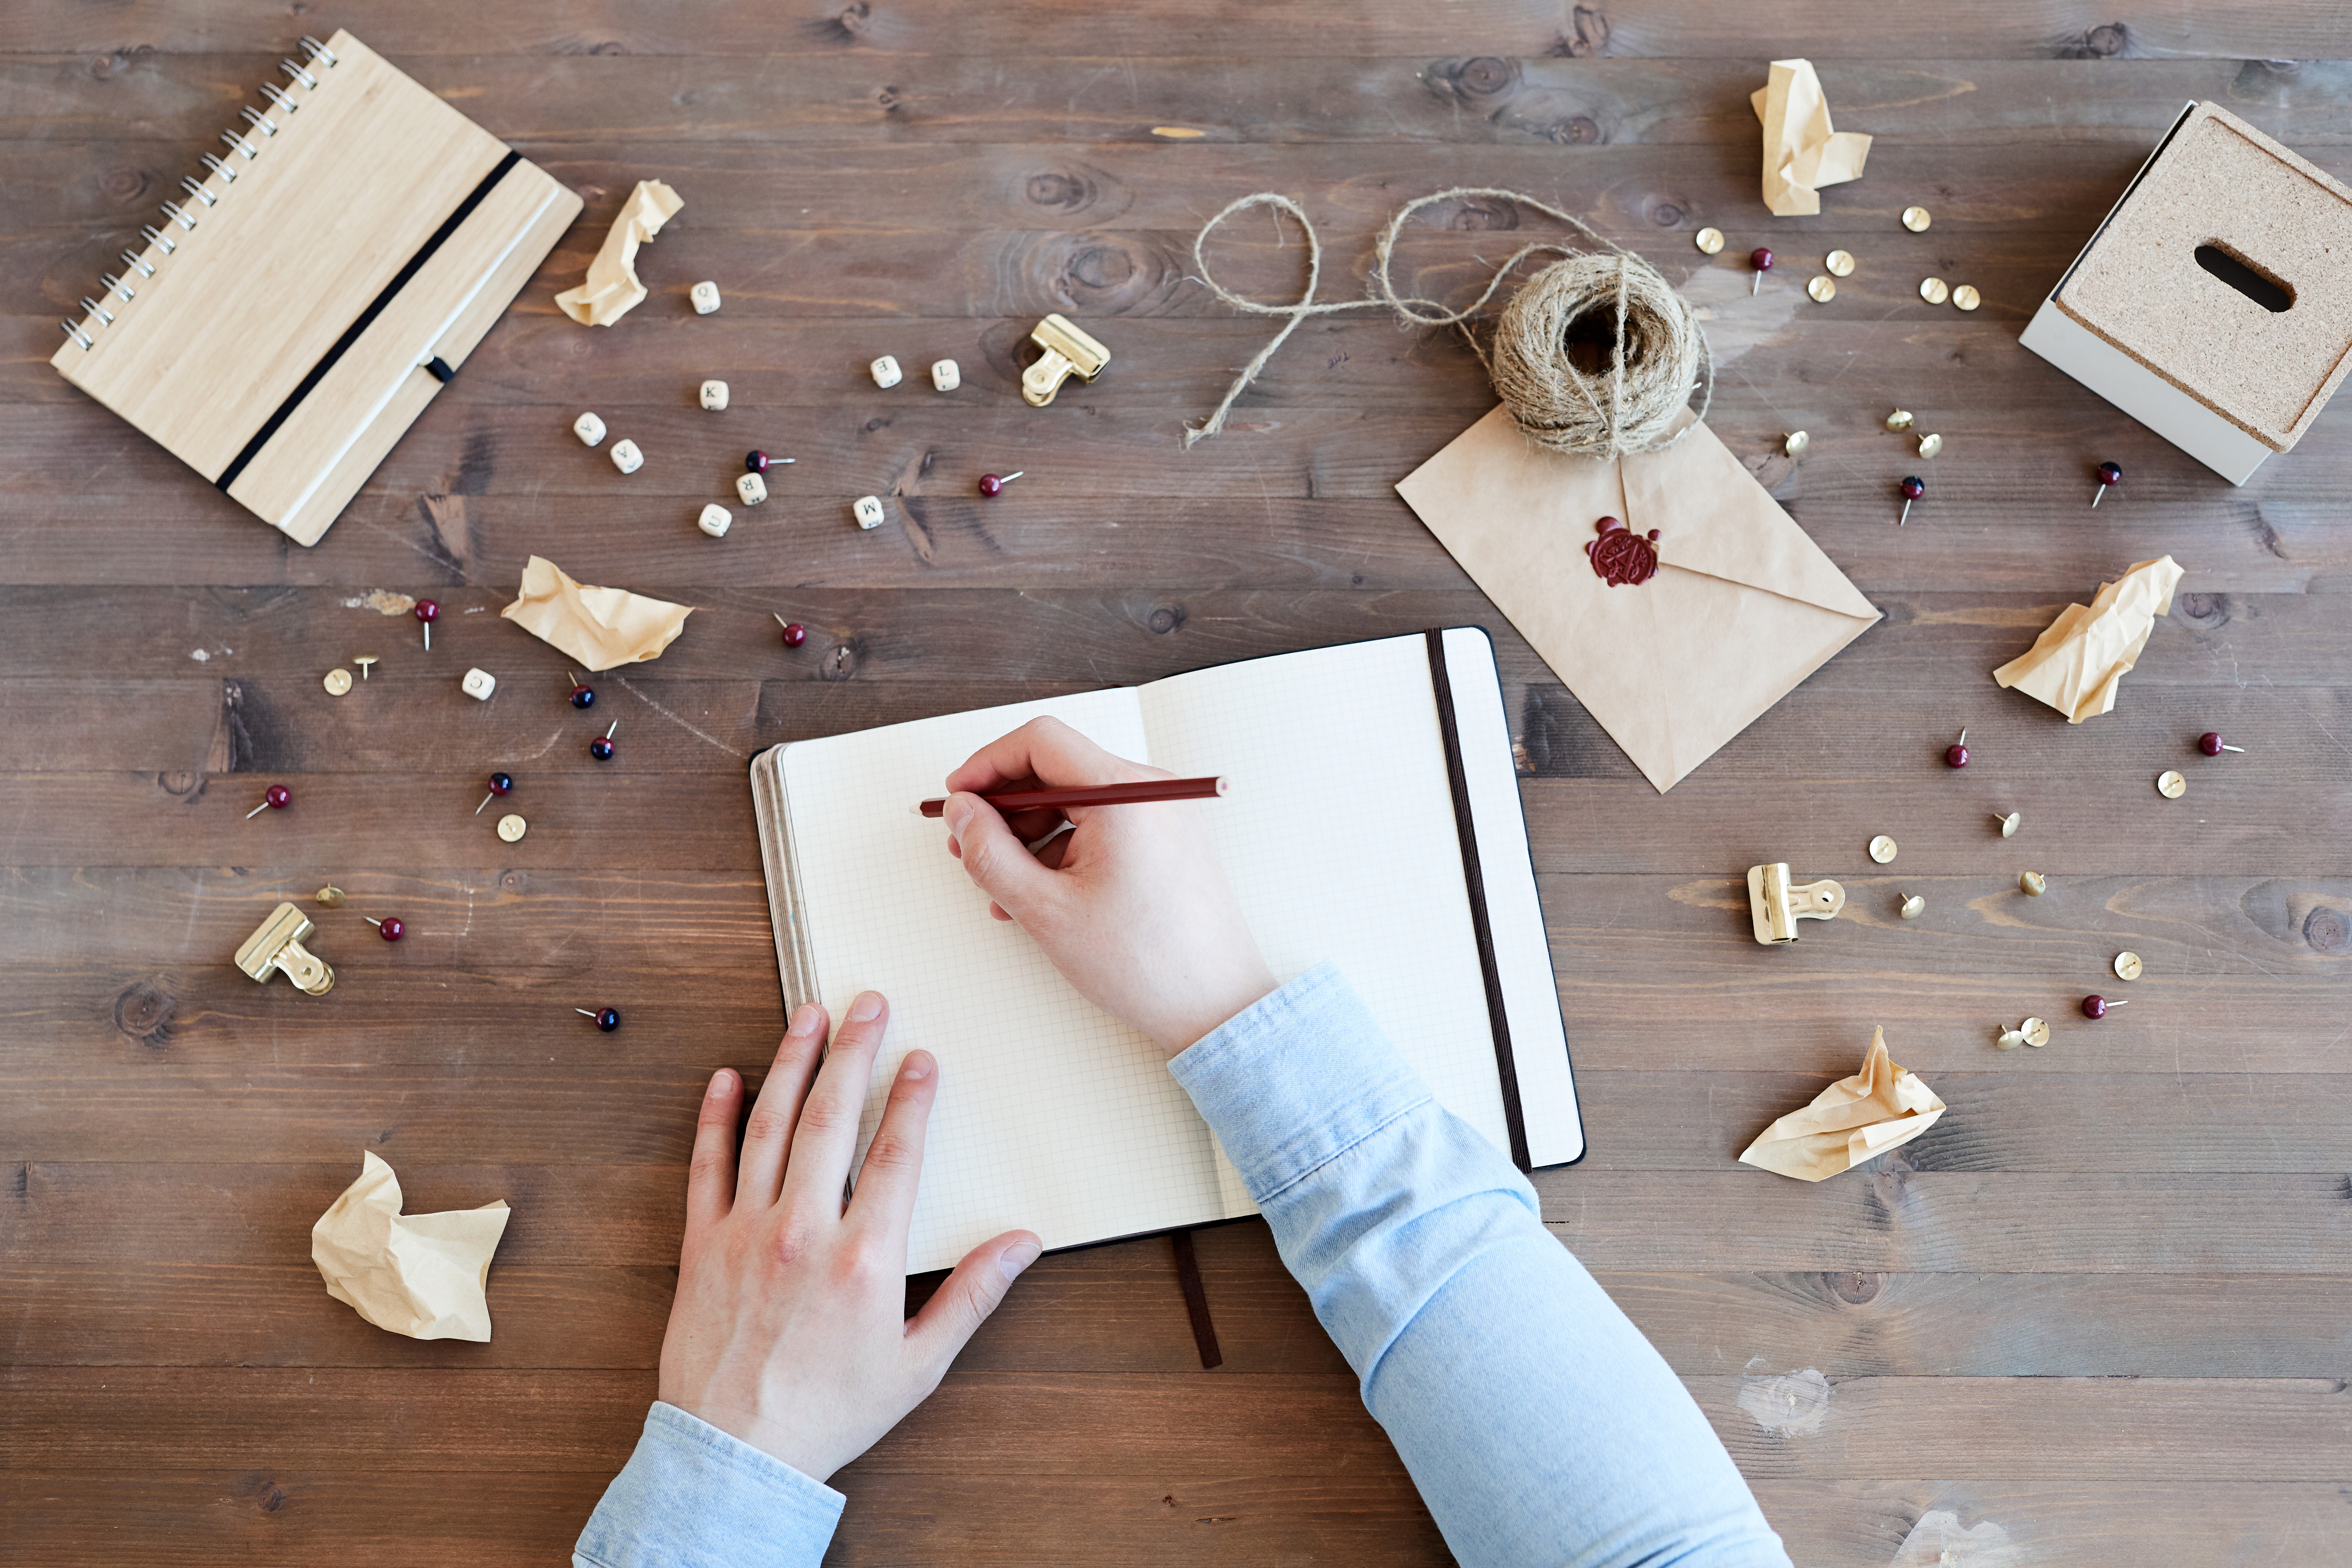 mess-on-desk-of-creative-director-PRWTZSX